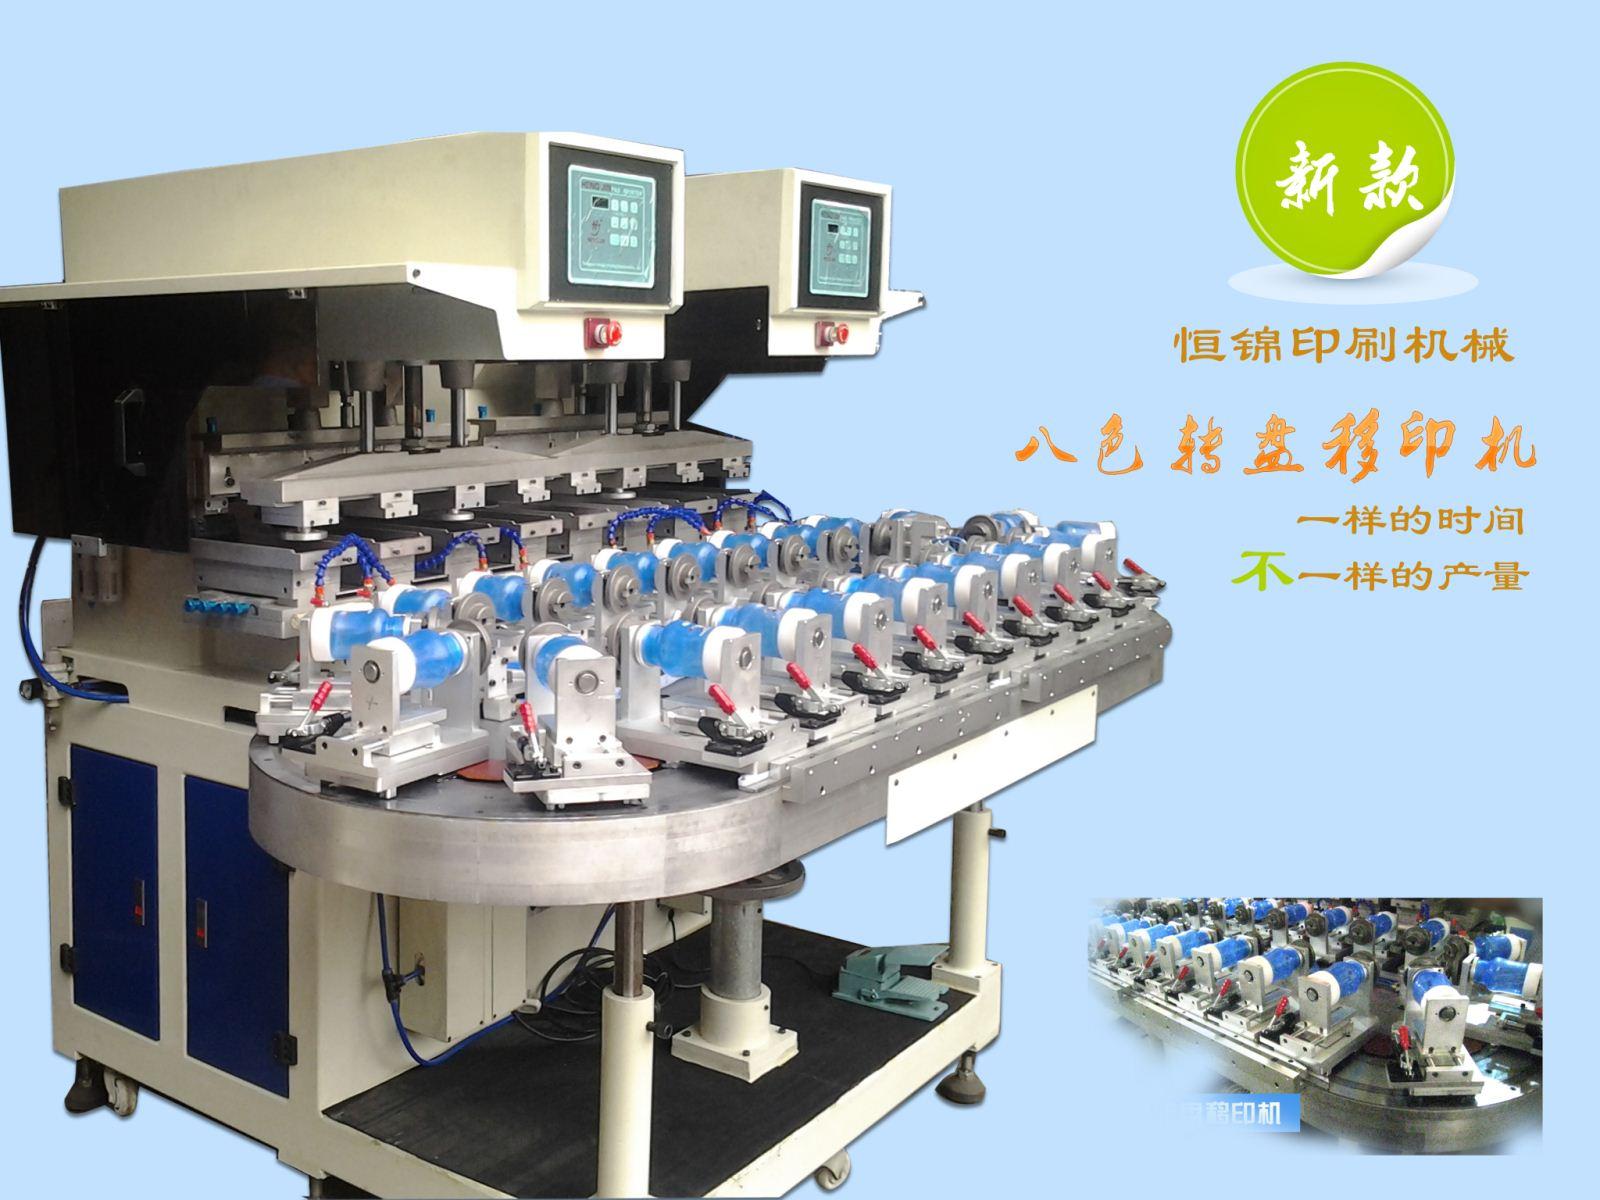 移印机,南京移印机,南京移印机厂家,南京移印机哪家好